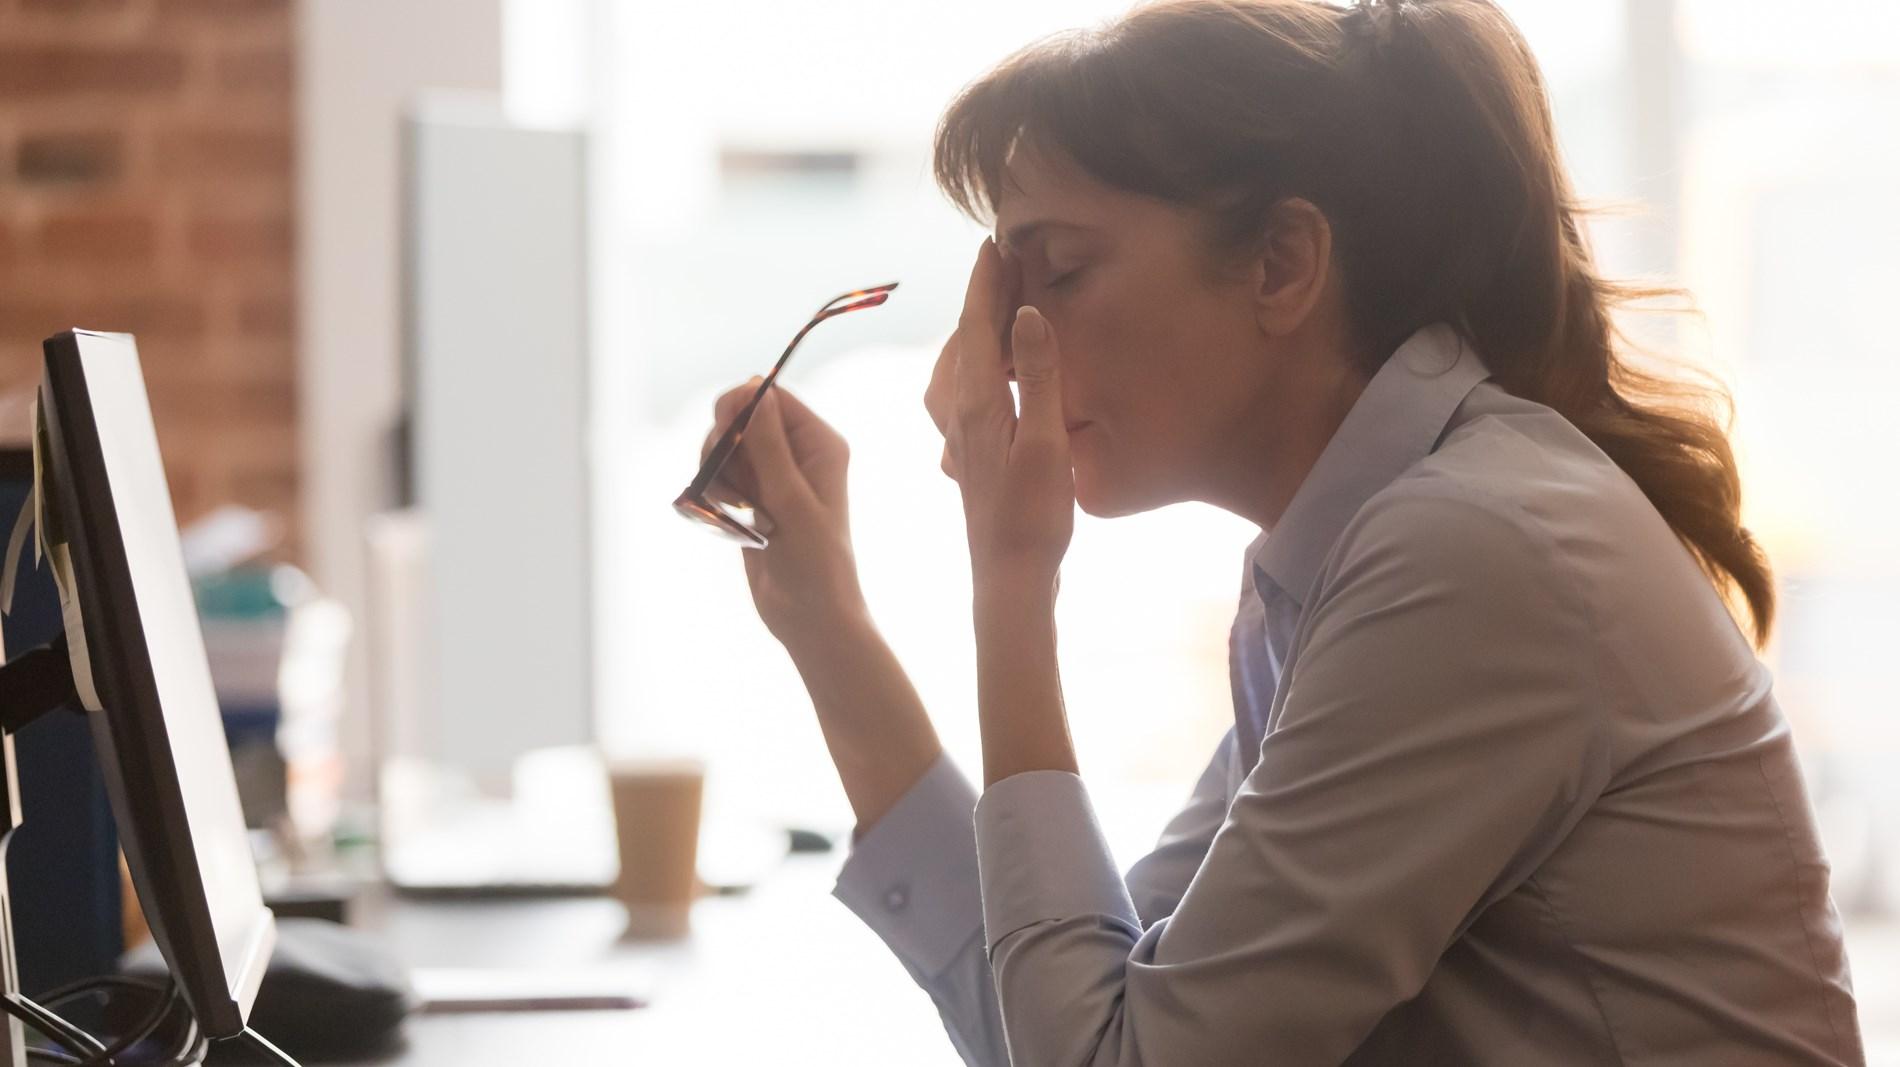 علامات تشير إلى سمية بيئة عملك